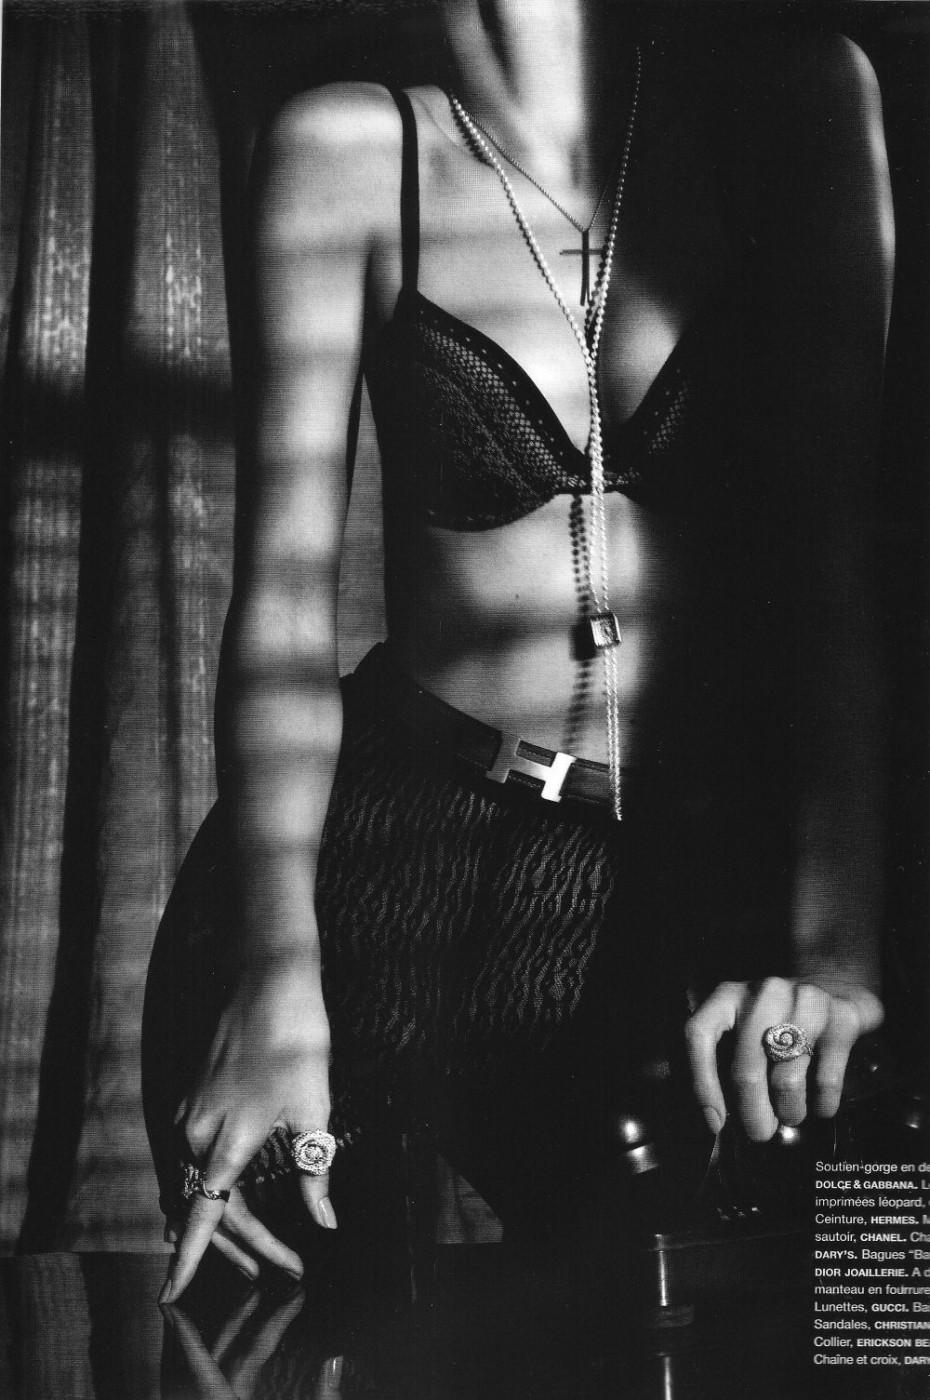 ·立陶宛超模艾迪塔·维尔珂薇楚泰【Edita Vilkeviciute】性感演绎 - 冬日暖陽 - 缘来如此心动